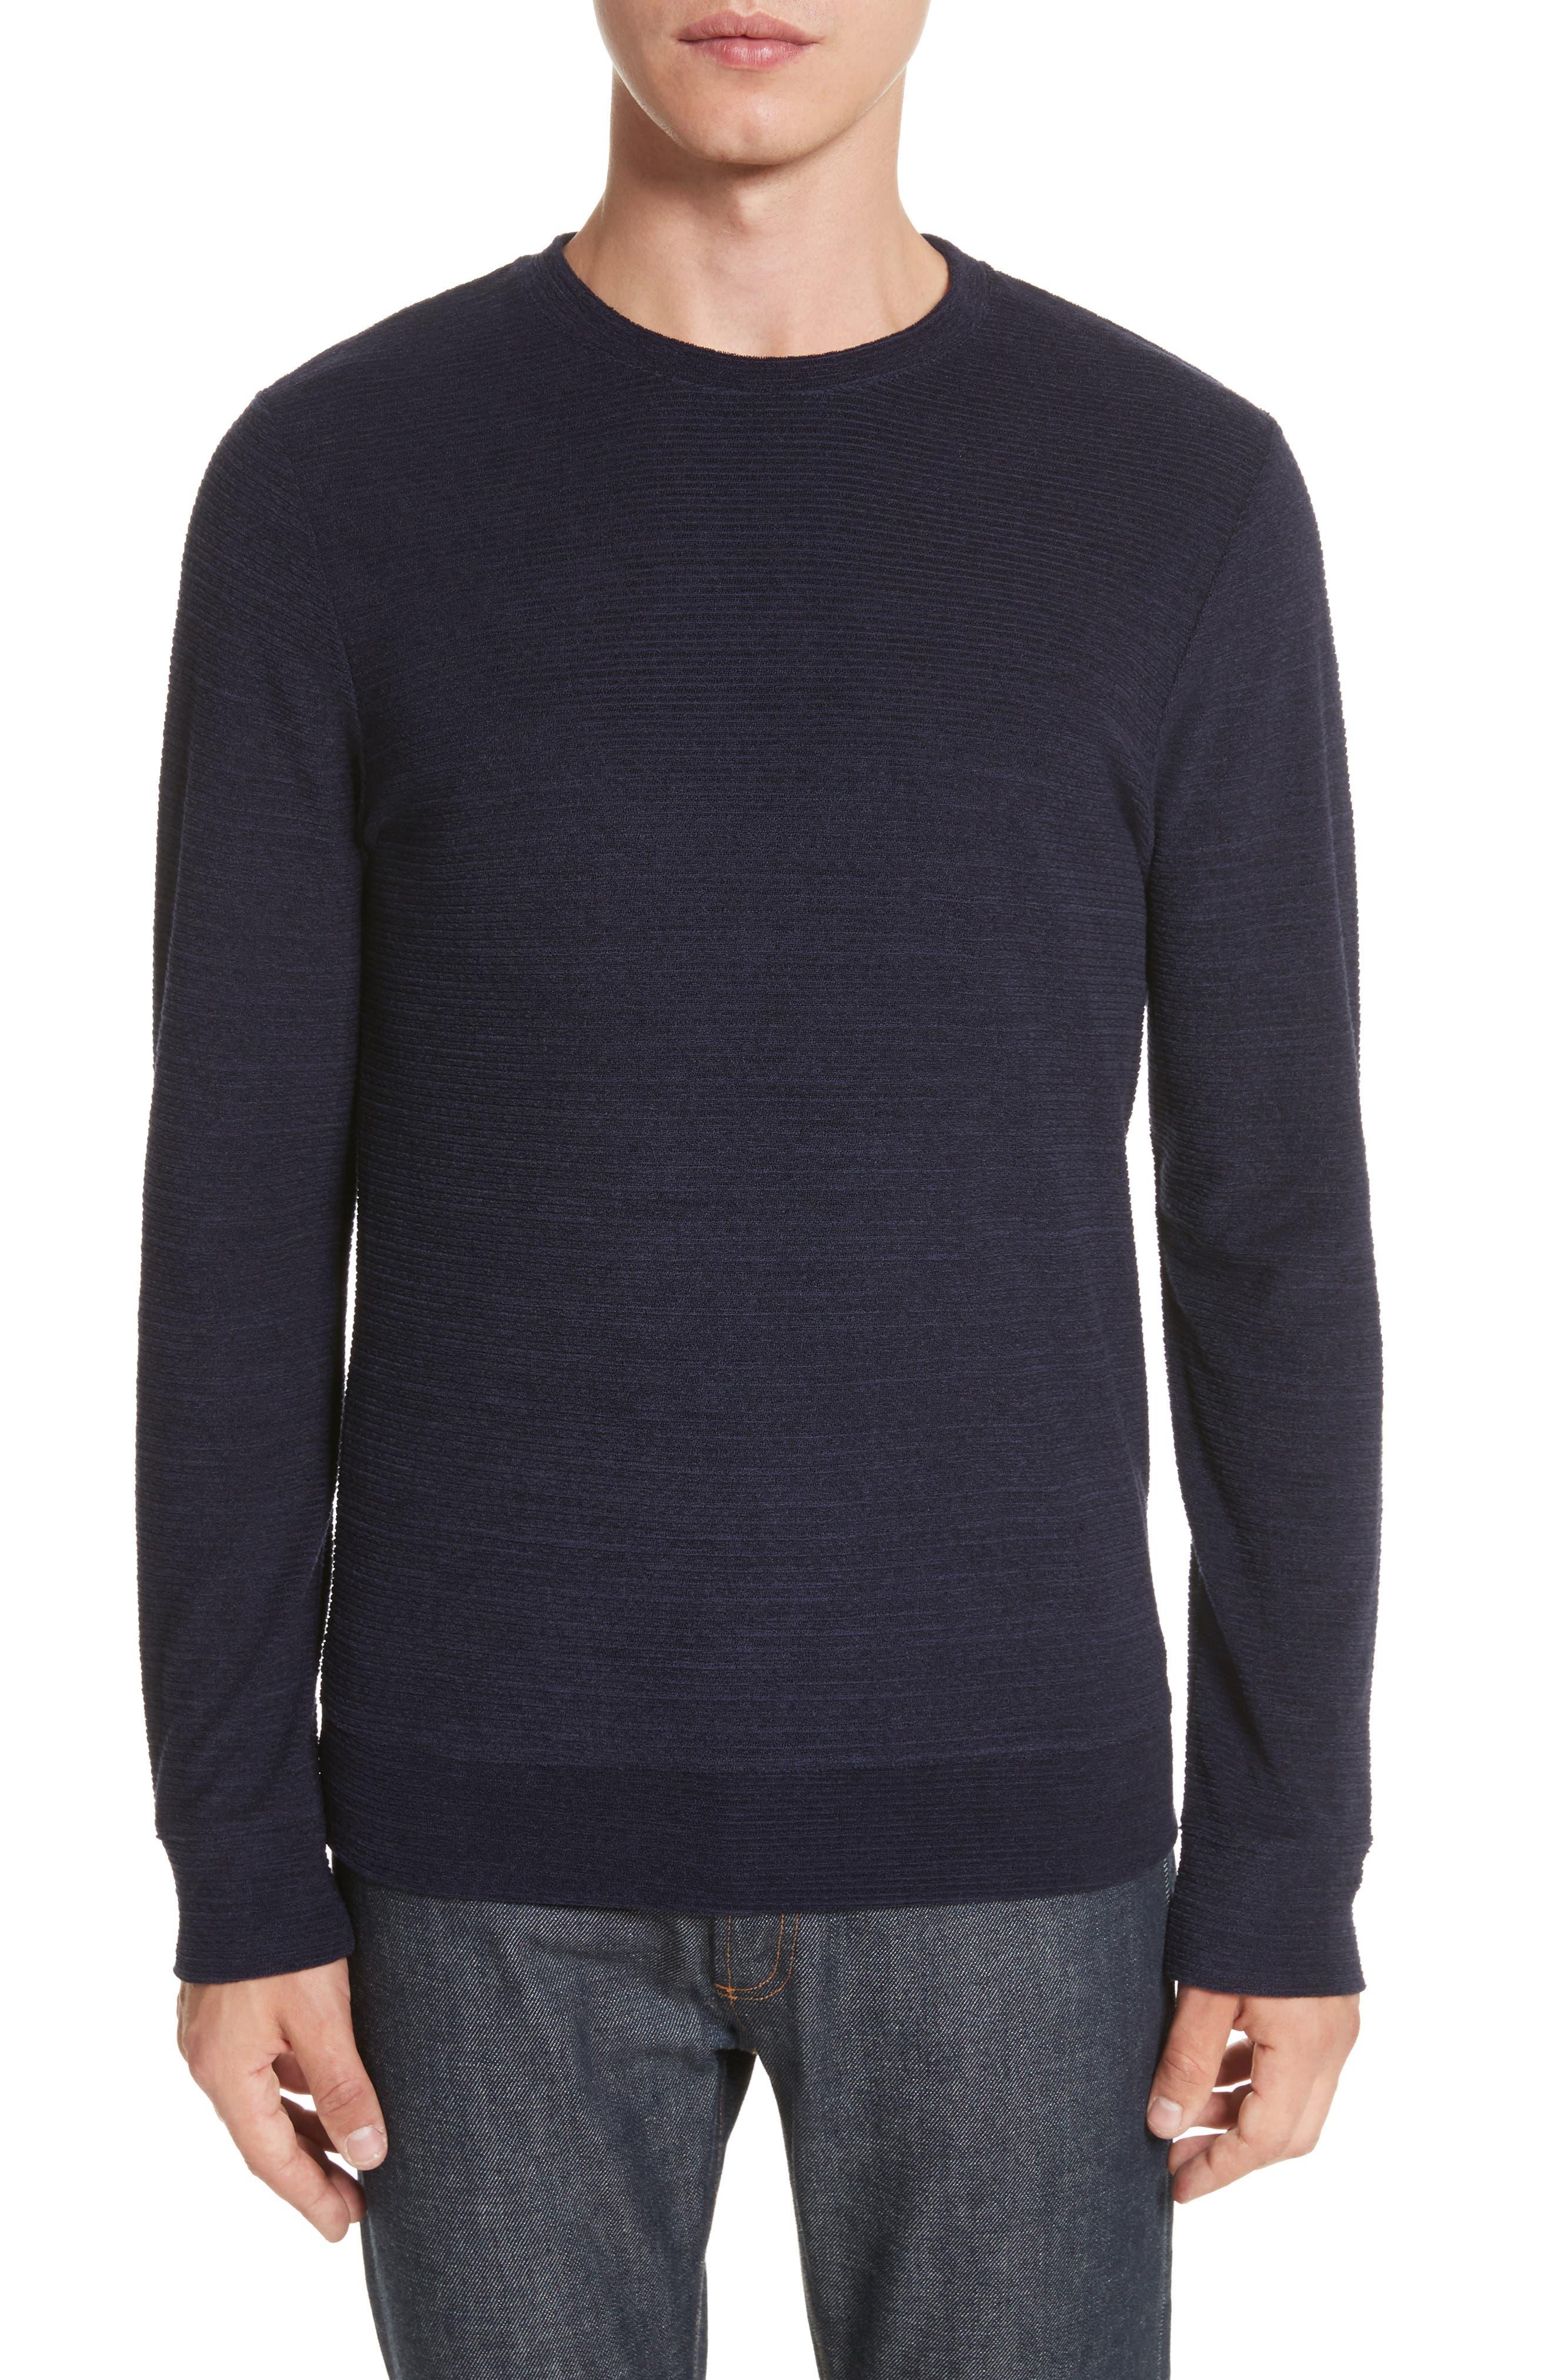 Jeremie Crewneck Sweater,                         Main,                         color, Marine